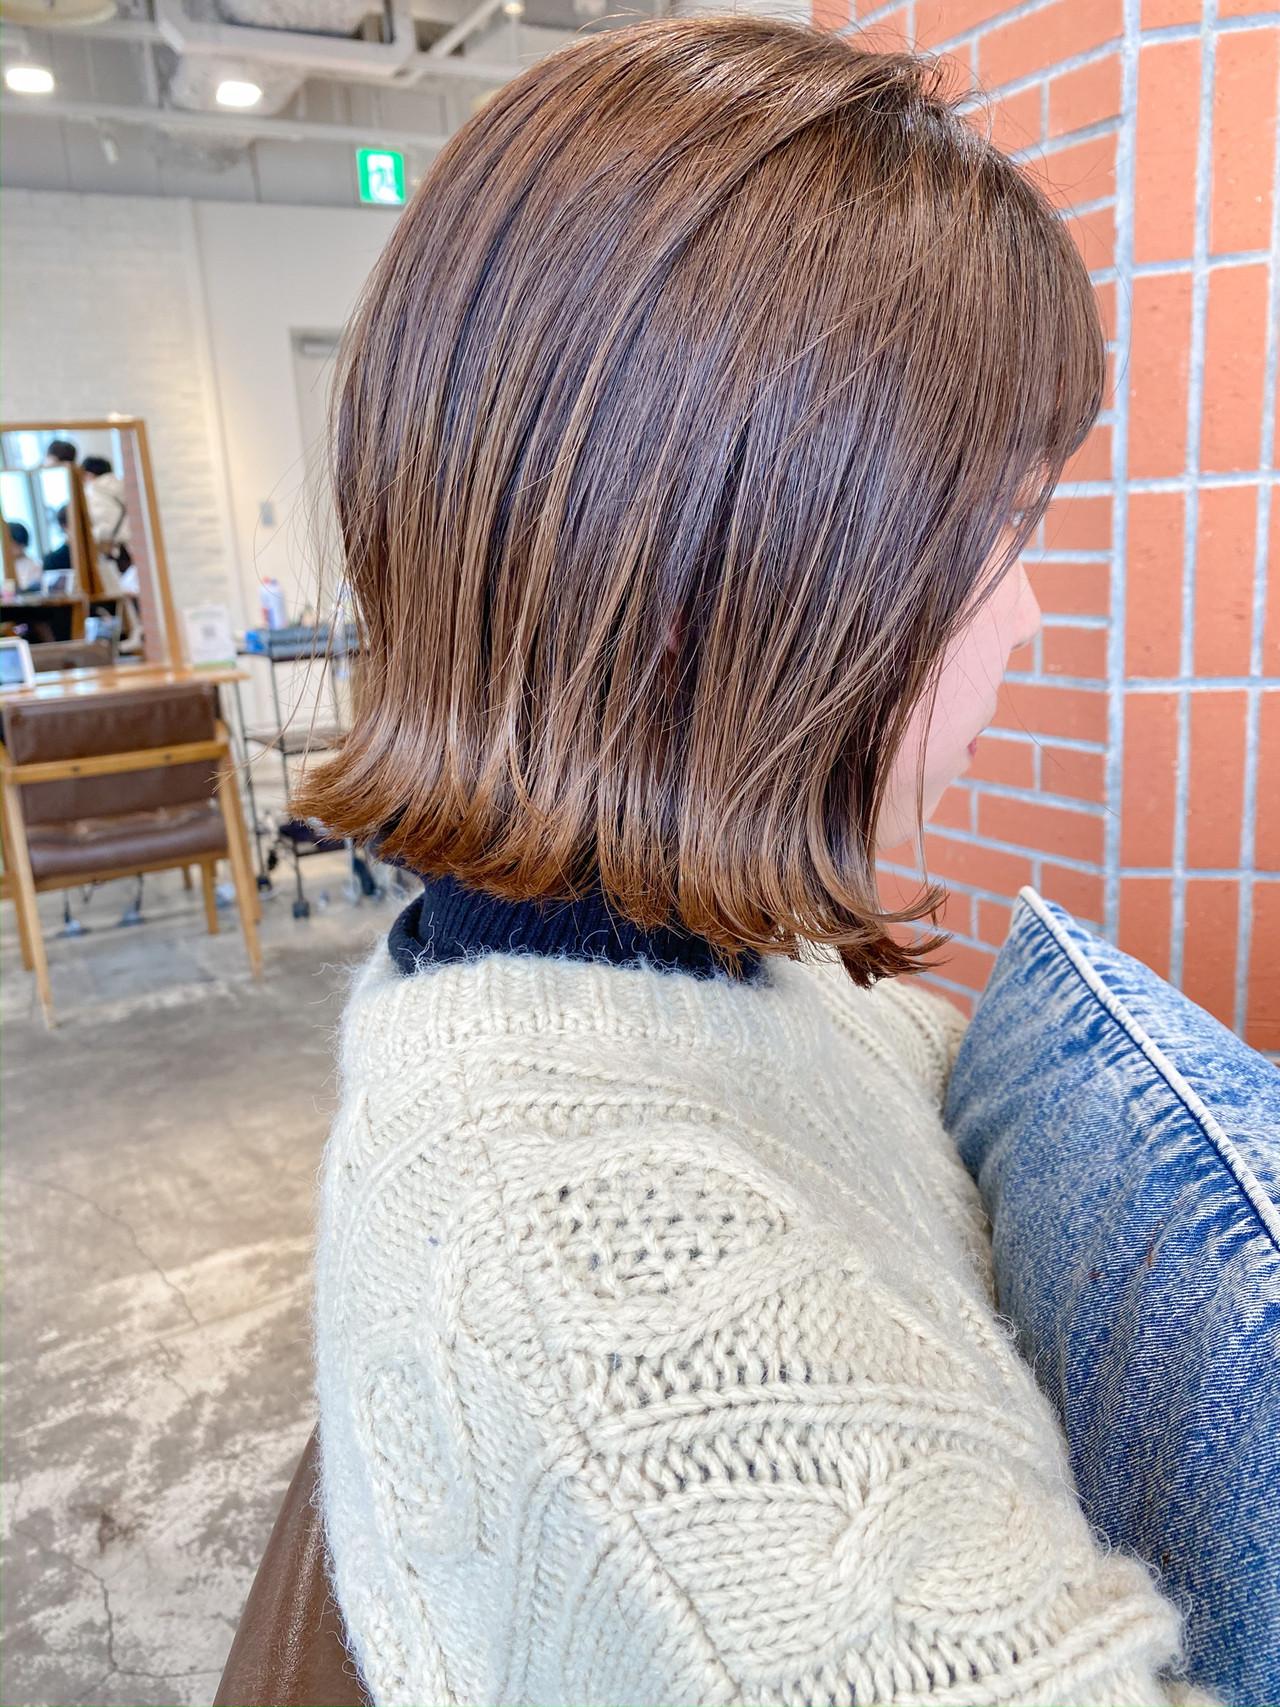 切りっぱなしボブ ショートヘア ショートボブ ナチュラル ヘアスタイルや髪型の写真・画像 | GARDEN harajuku 塩見 / GARDEN harajuku